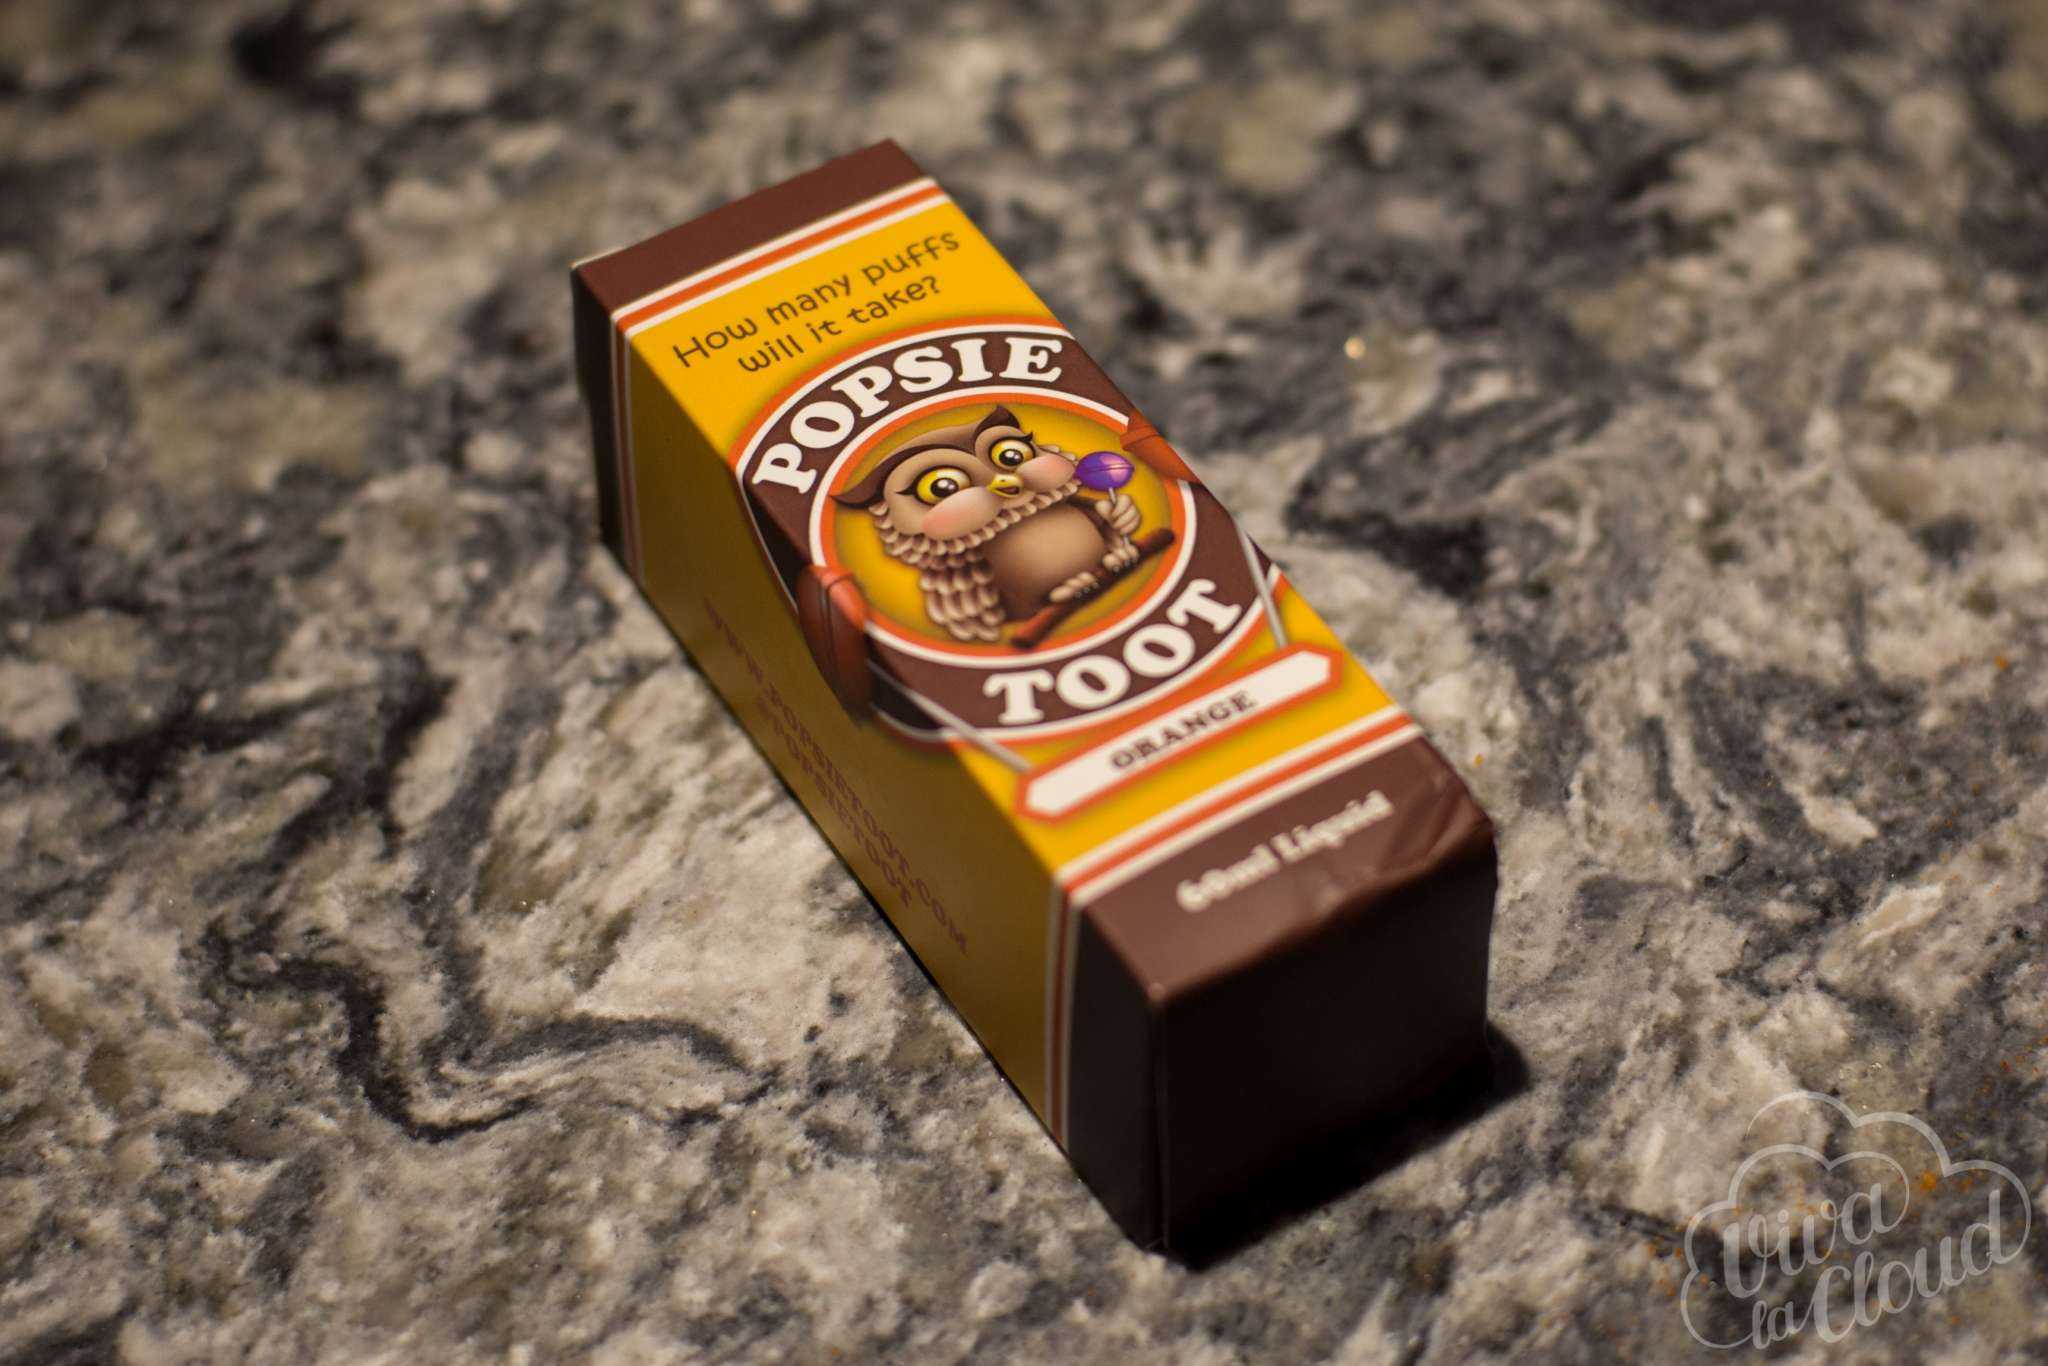 popsie-toot-1